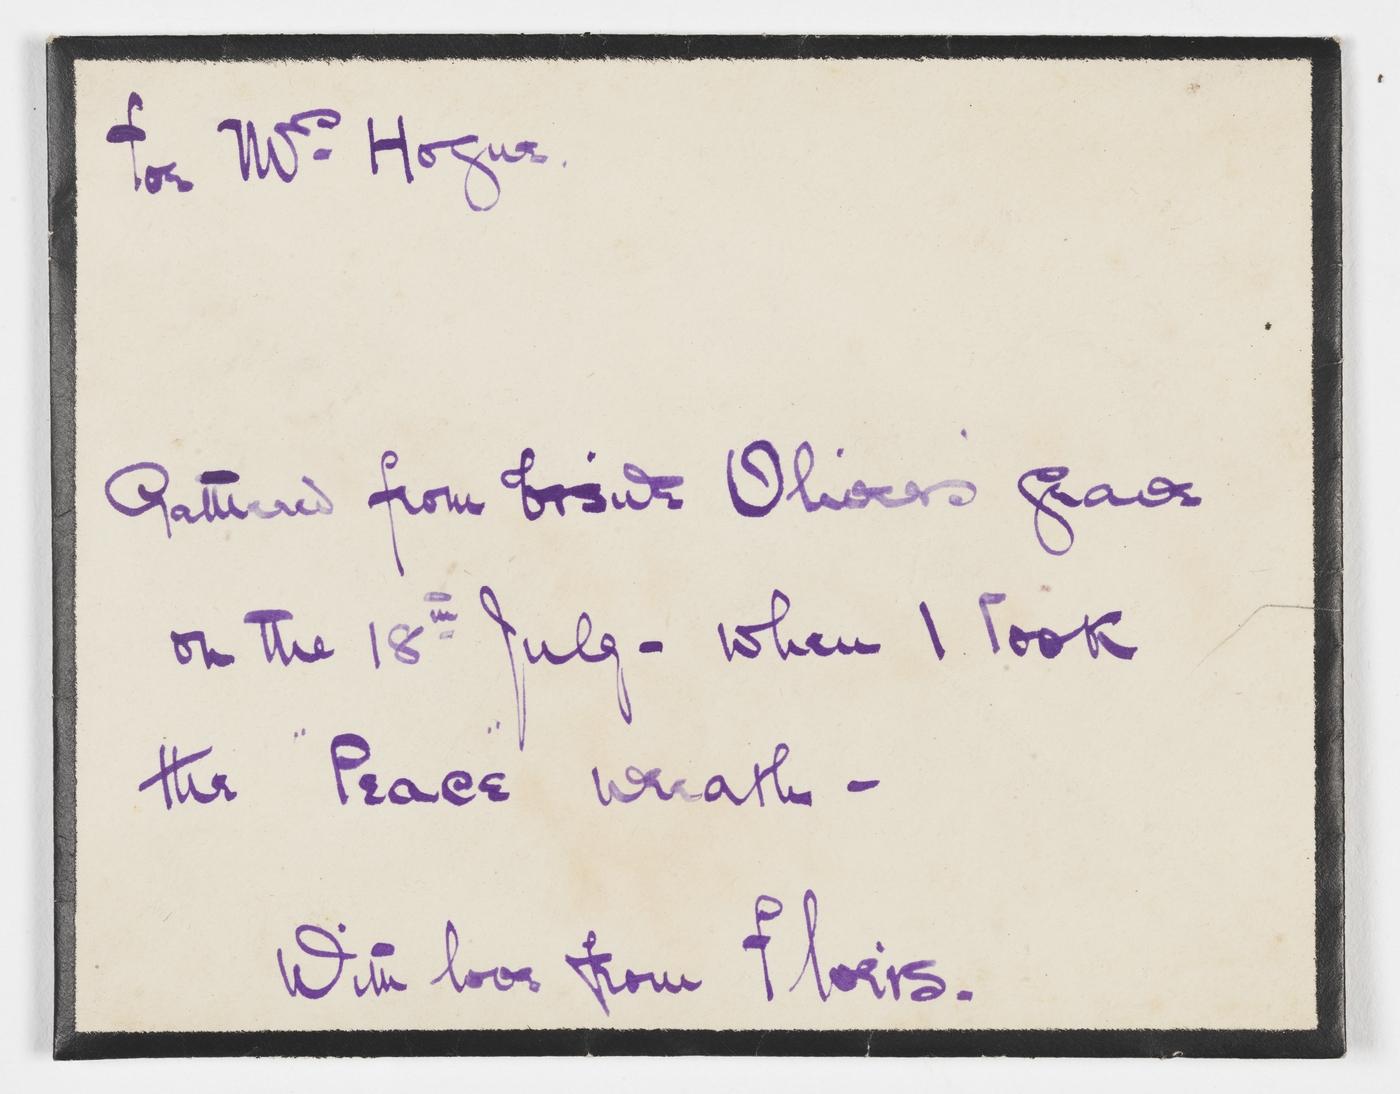 A note written in blue ink.